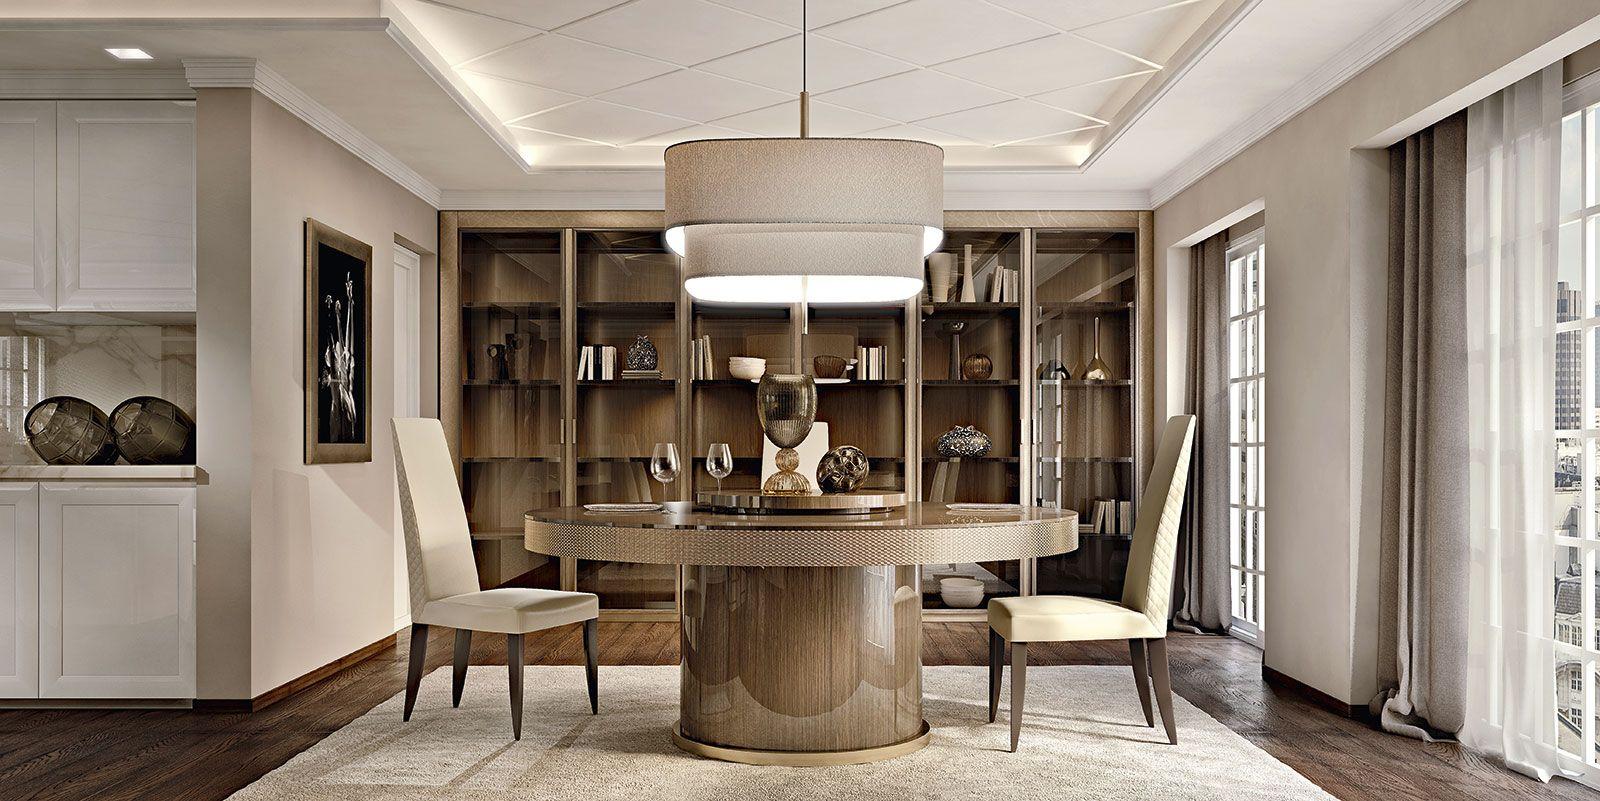 Arredamento case di lusso super arredamento casa di lusso for Arredamento interni lusso